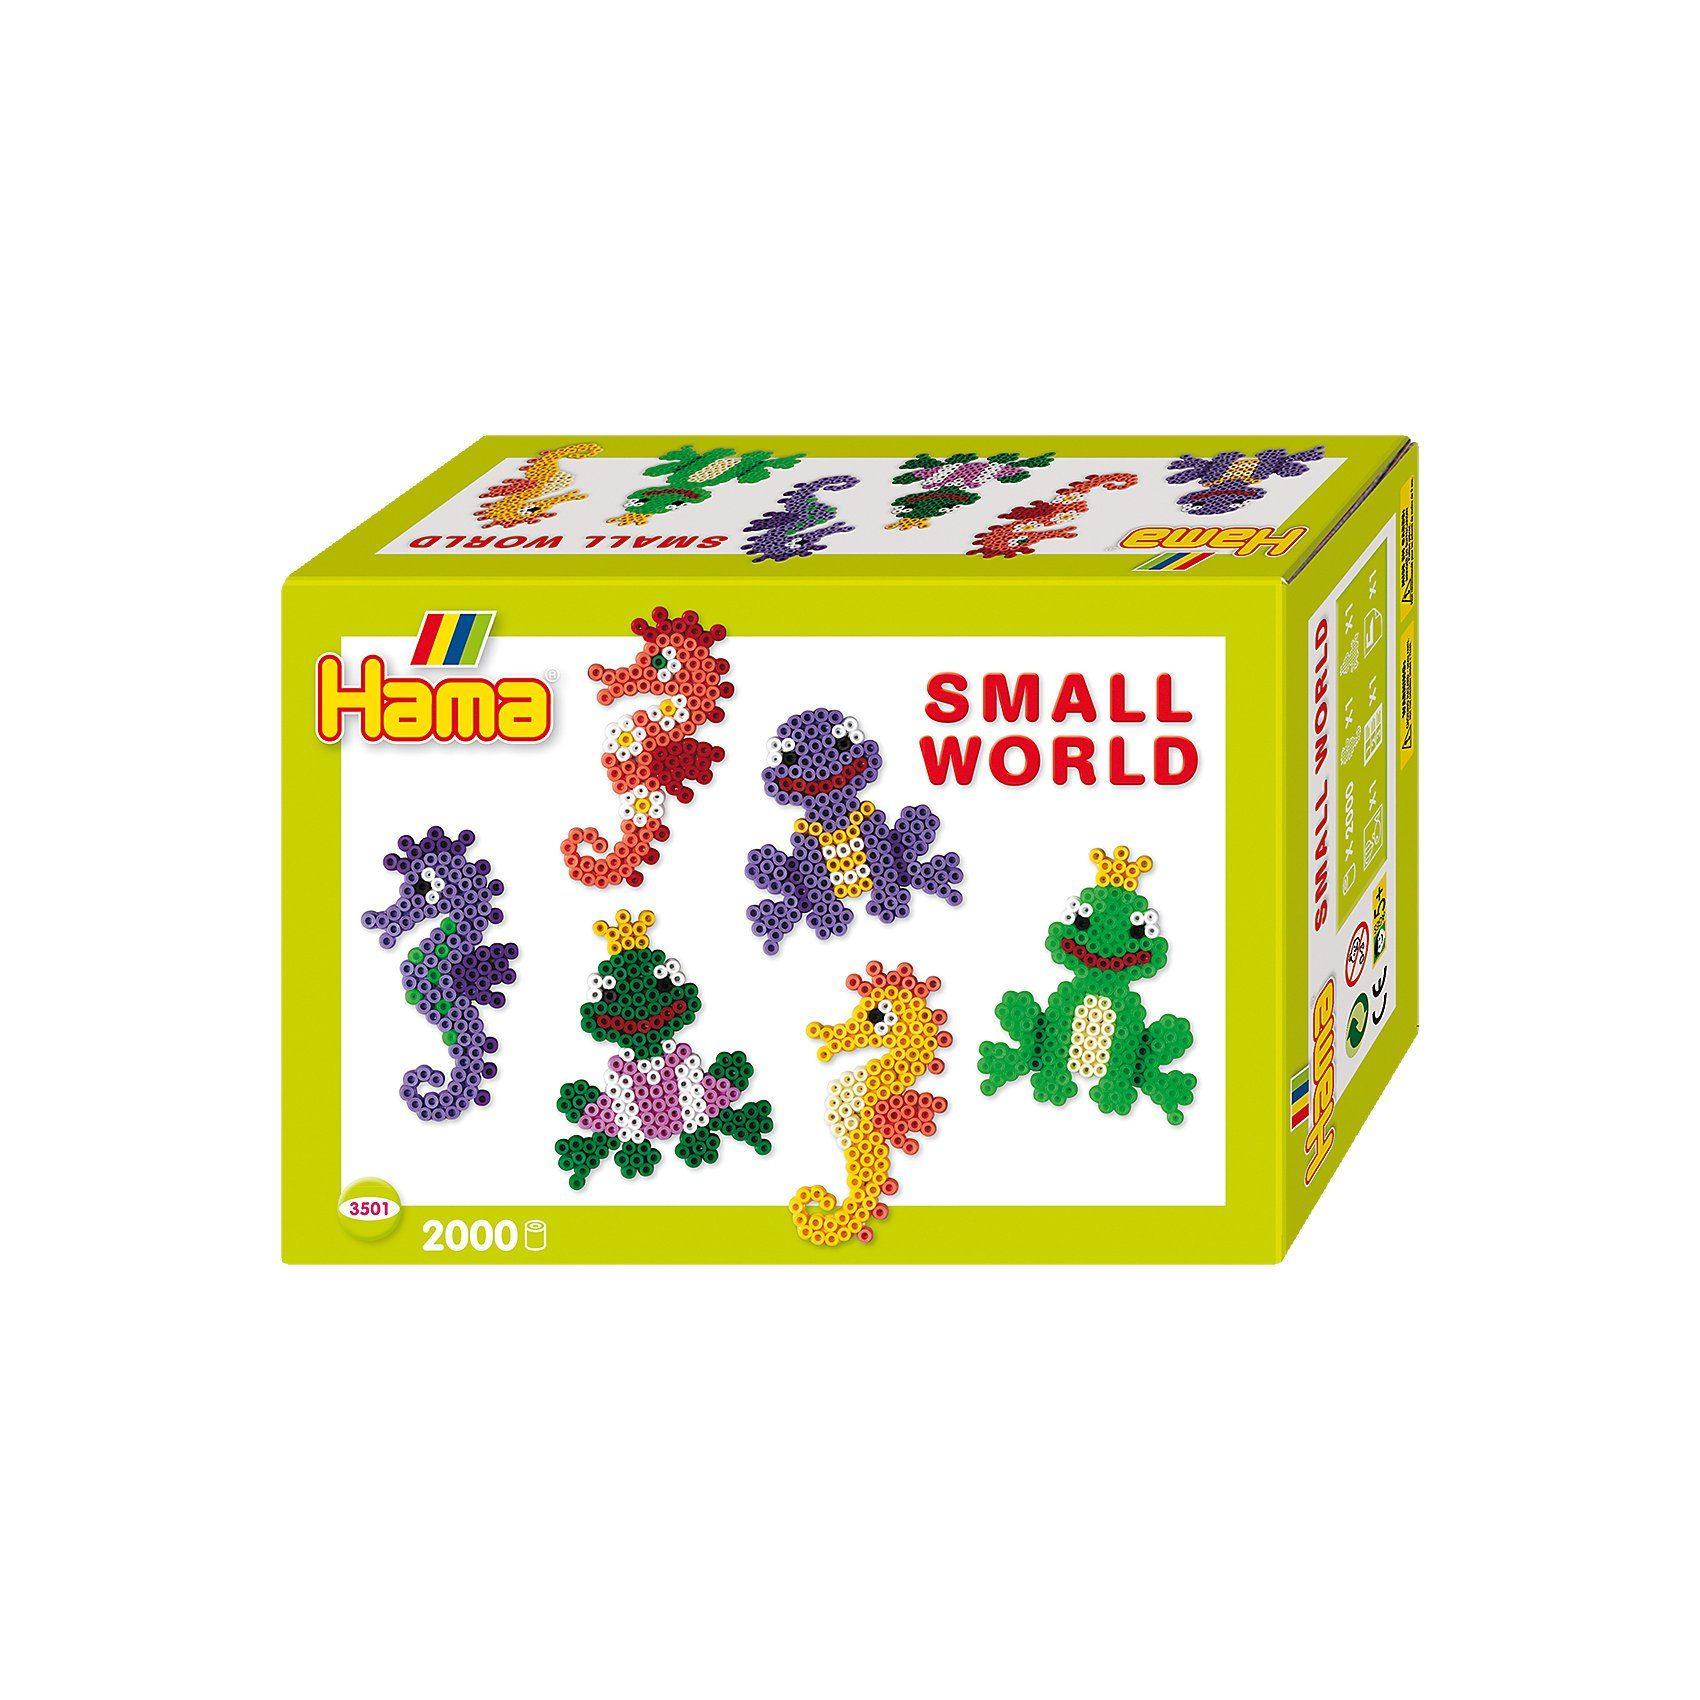 Hama Perlen HAMA 3501 Kleine Welt, 2.000 midi-Perlen & 2 Stiftplatten (S